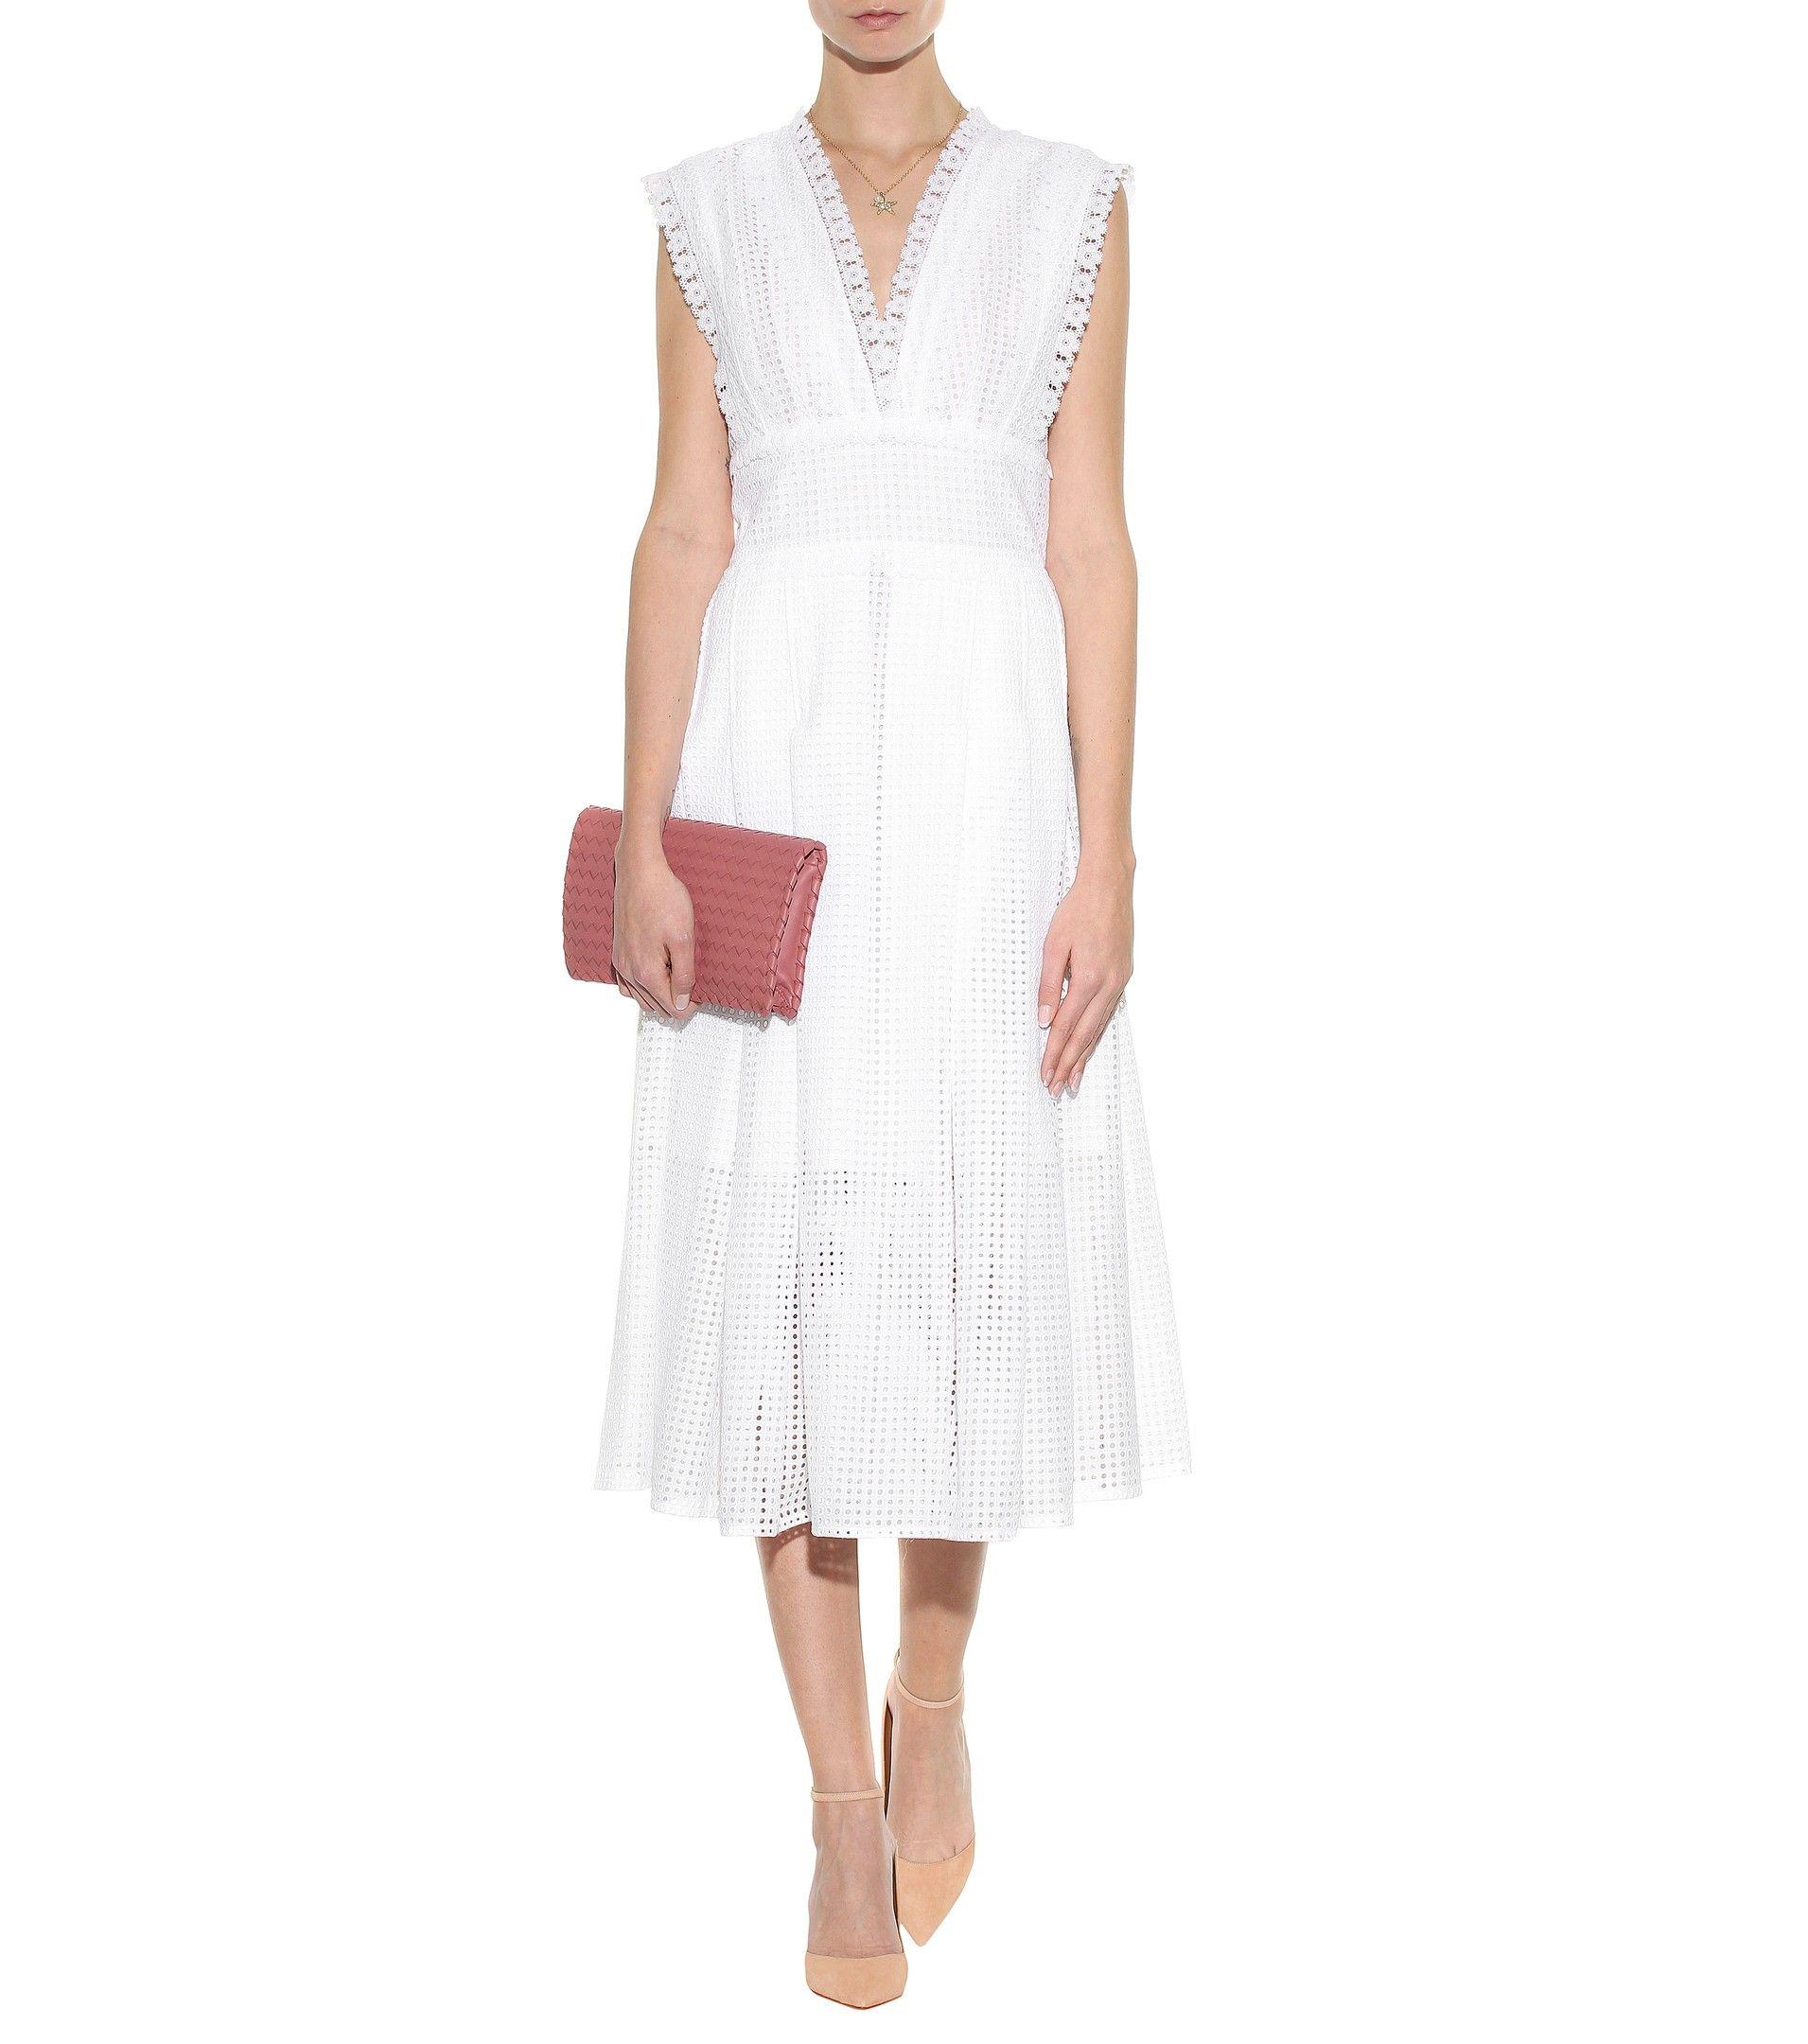 Cotton Eyelet Dress » Oscar de la Renta ► mytheresa.com